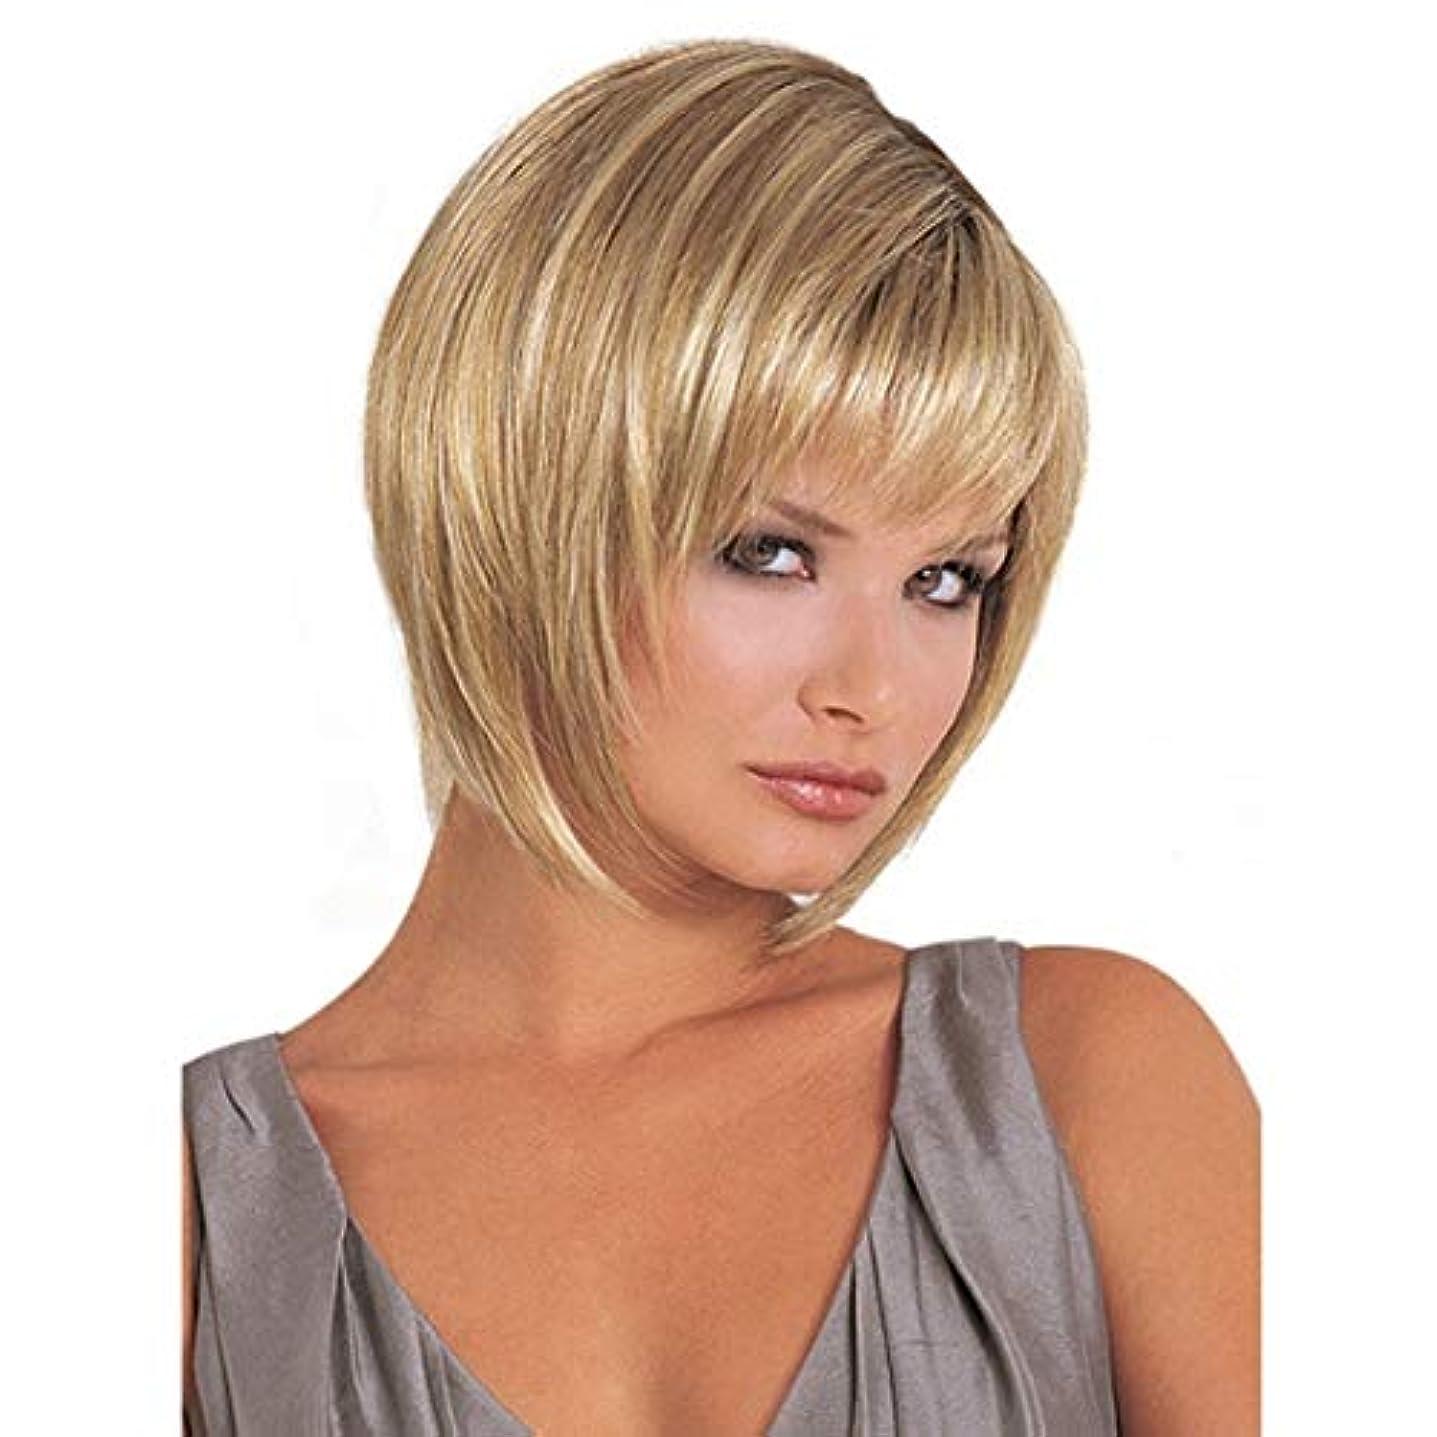 フルーツ野菜こどもセンターなんとなくKerwinner ふわふわのマイクロボリューム現実的なかつら女性のための短いカーリーナチュラルカラーゴールドかつら白髪用かつら20cm / 25cm